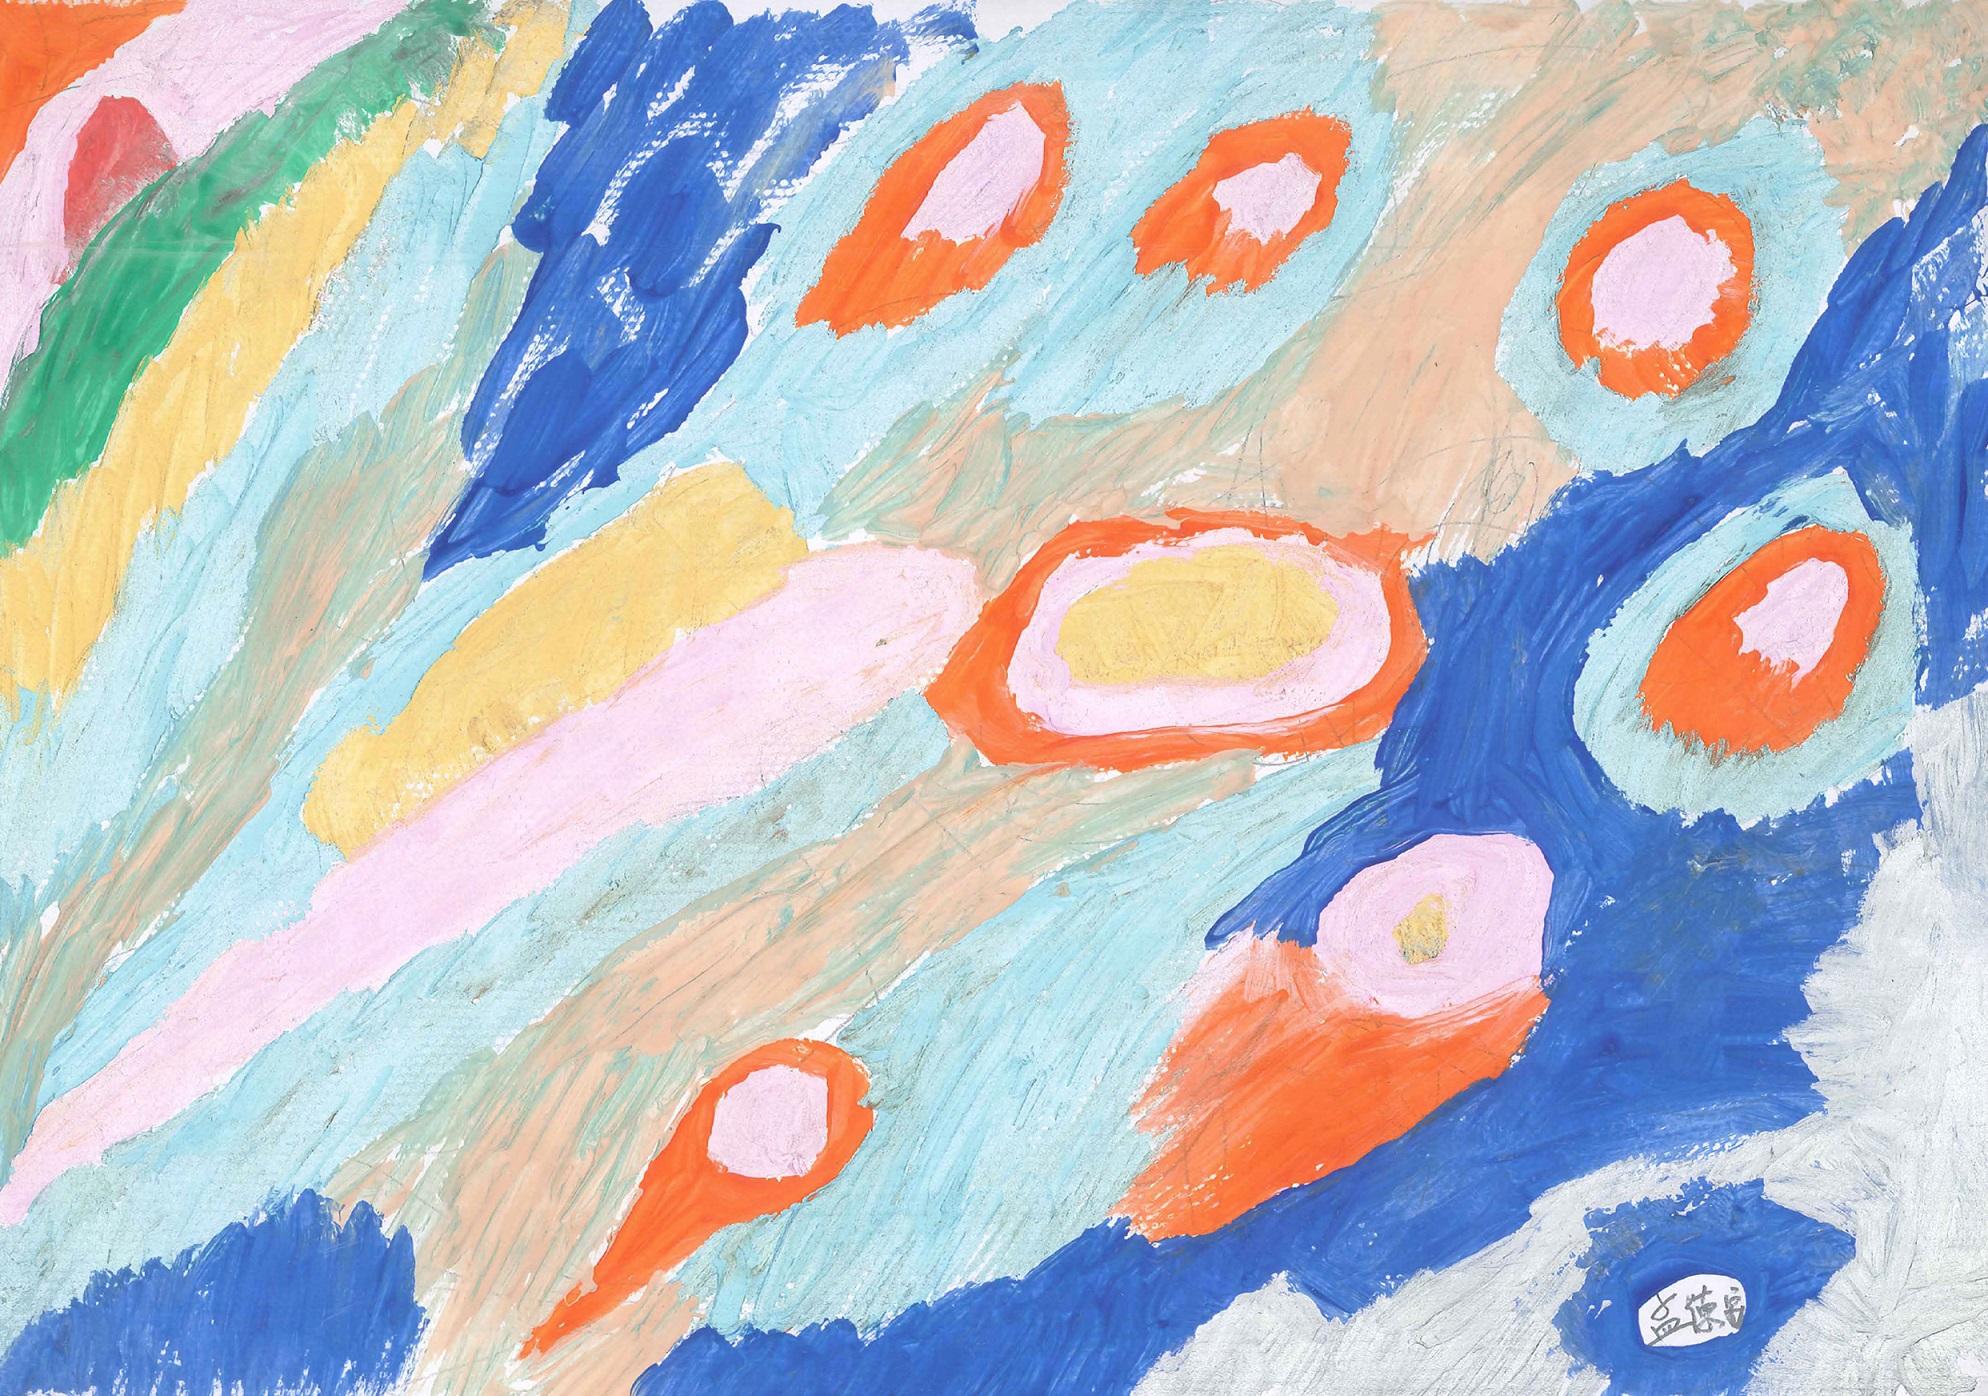 五彩奥运 Colorful Olympics+孟德安 Meng Dean